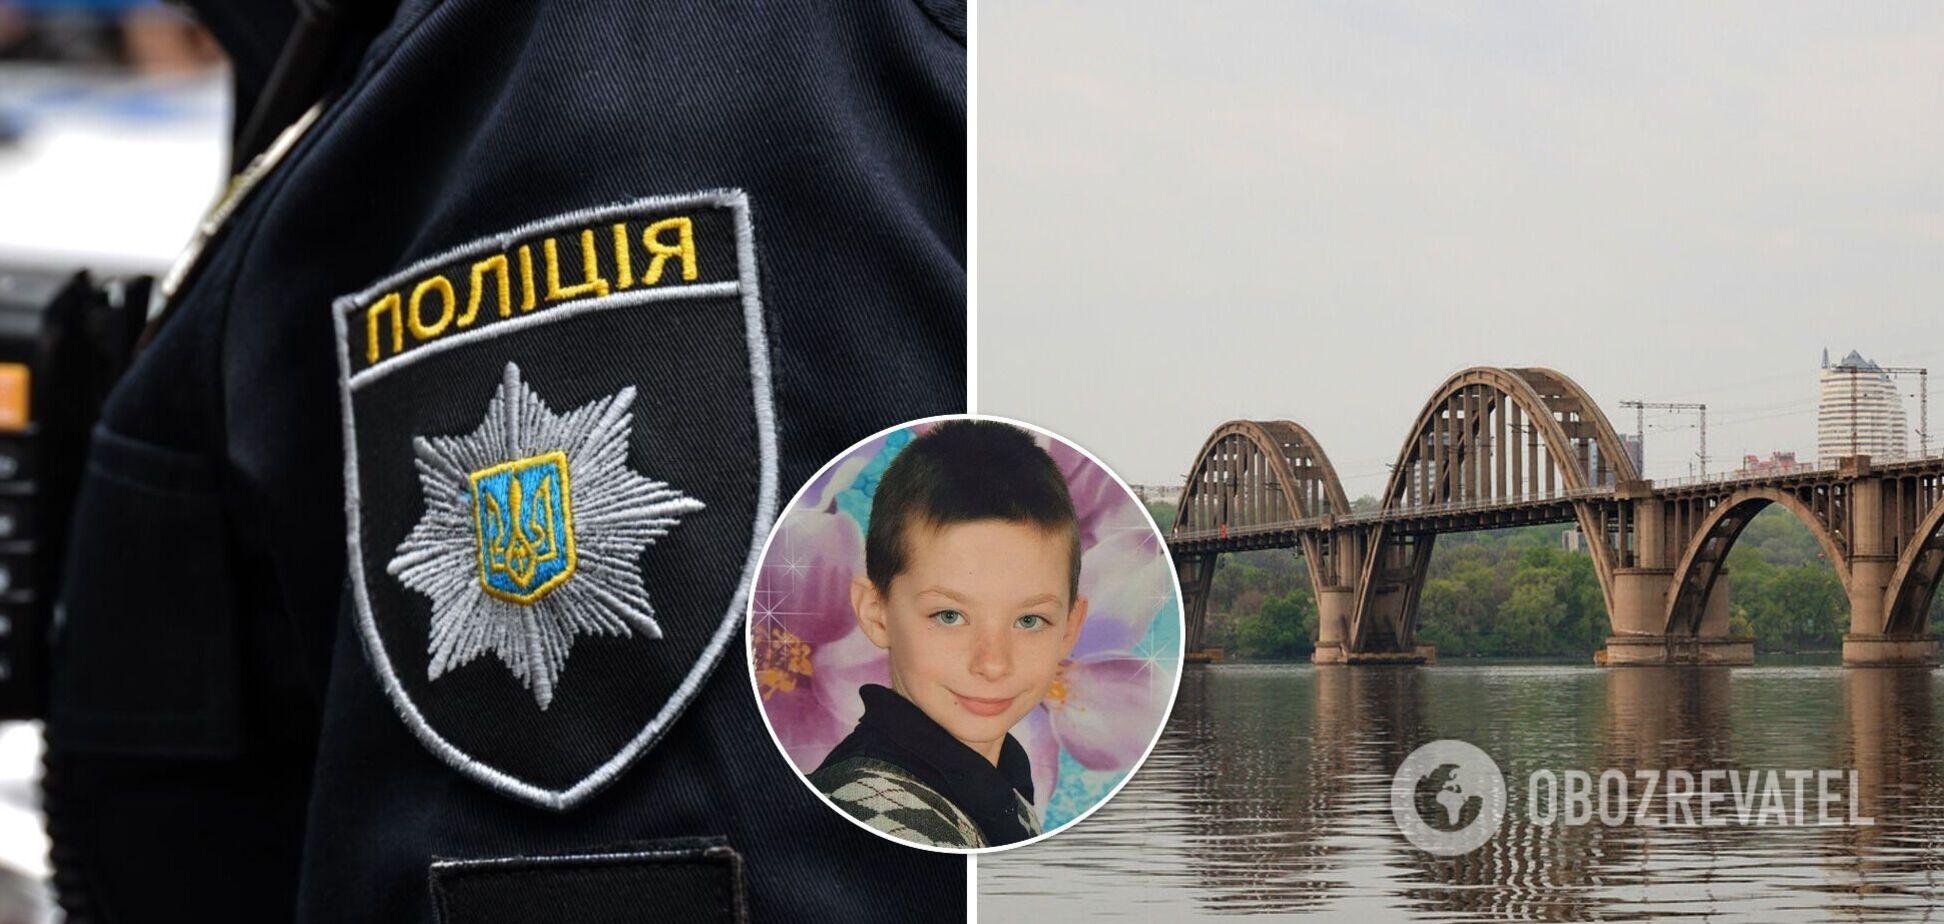 В Днепре без вести пропал ребенок: его самокат нашли под мостом